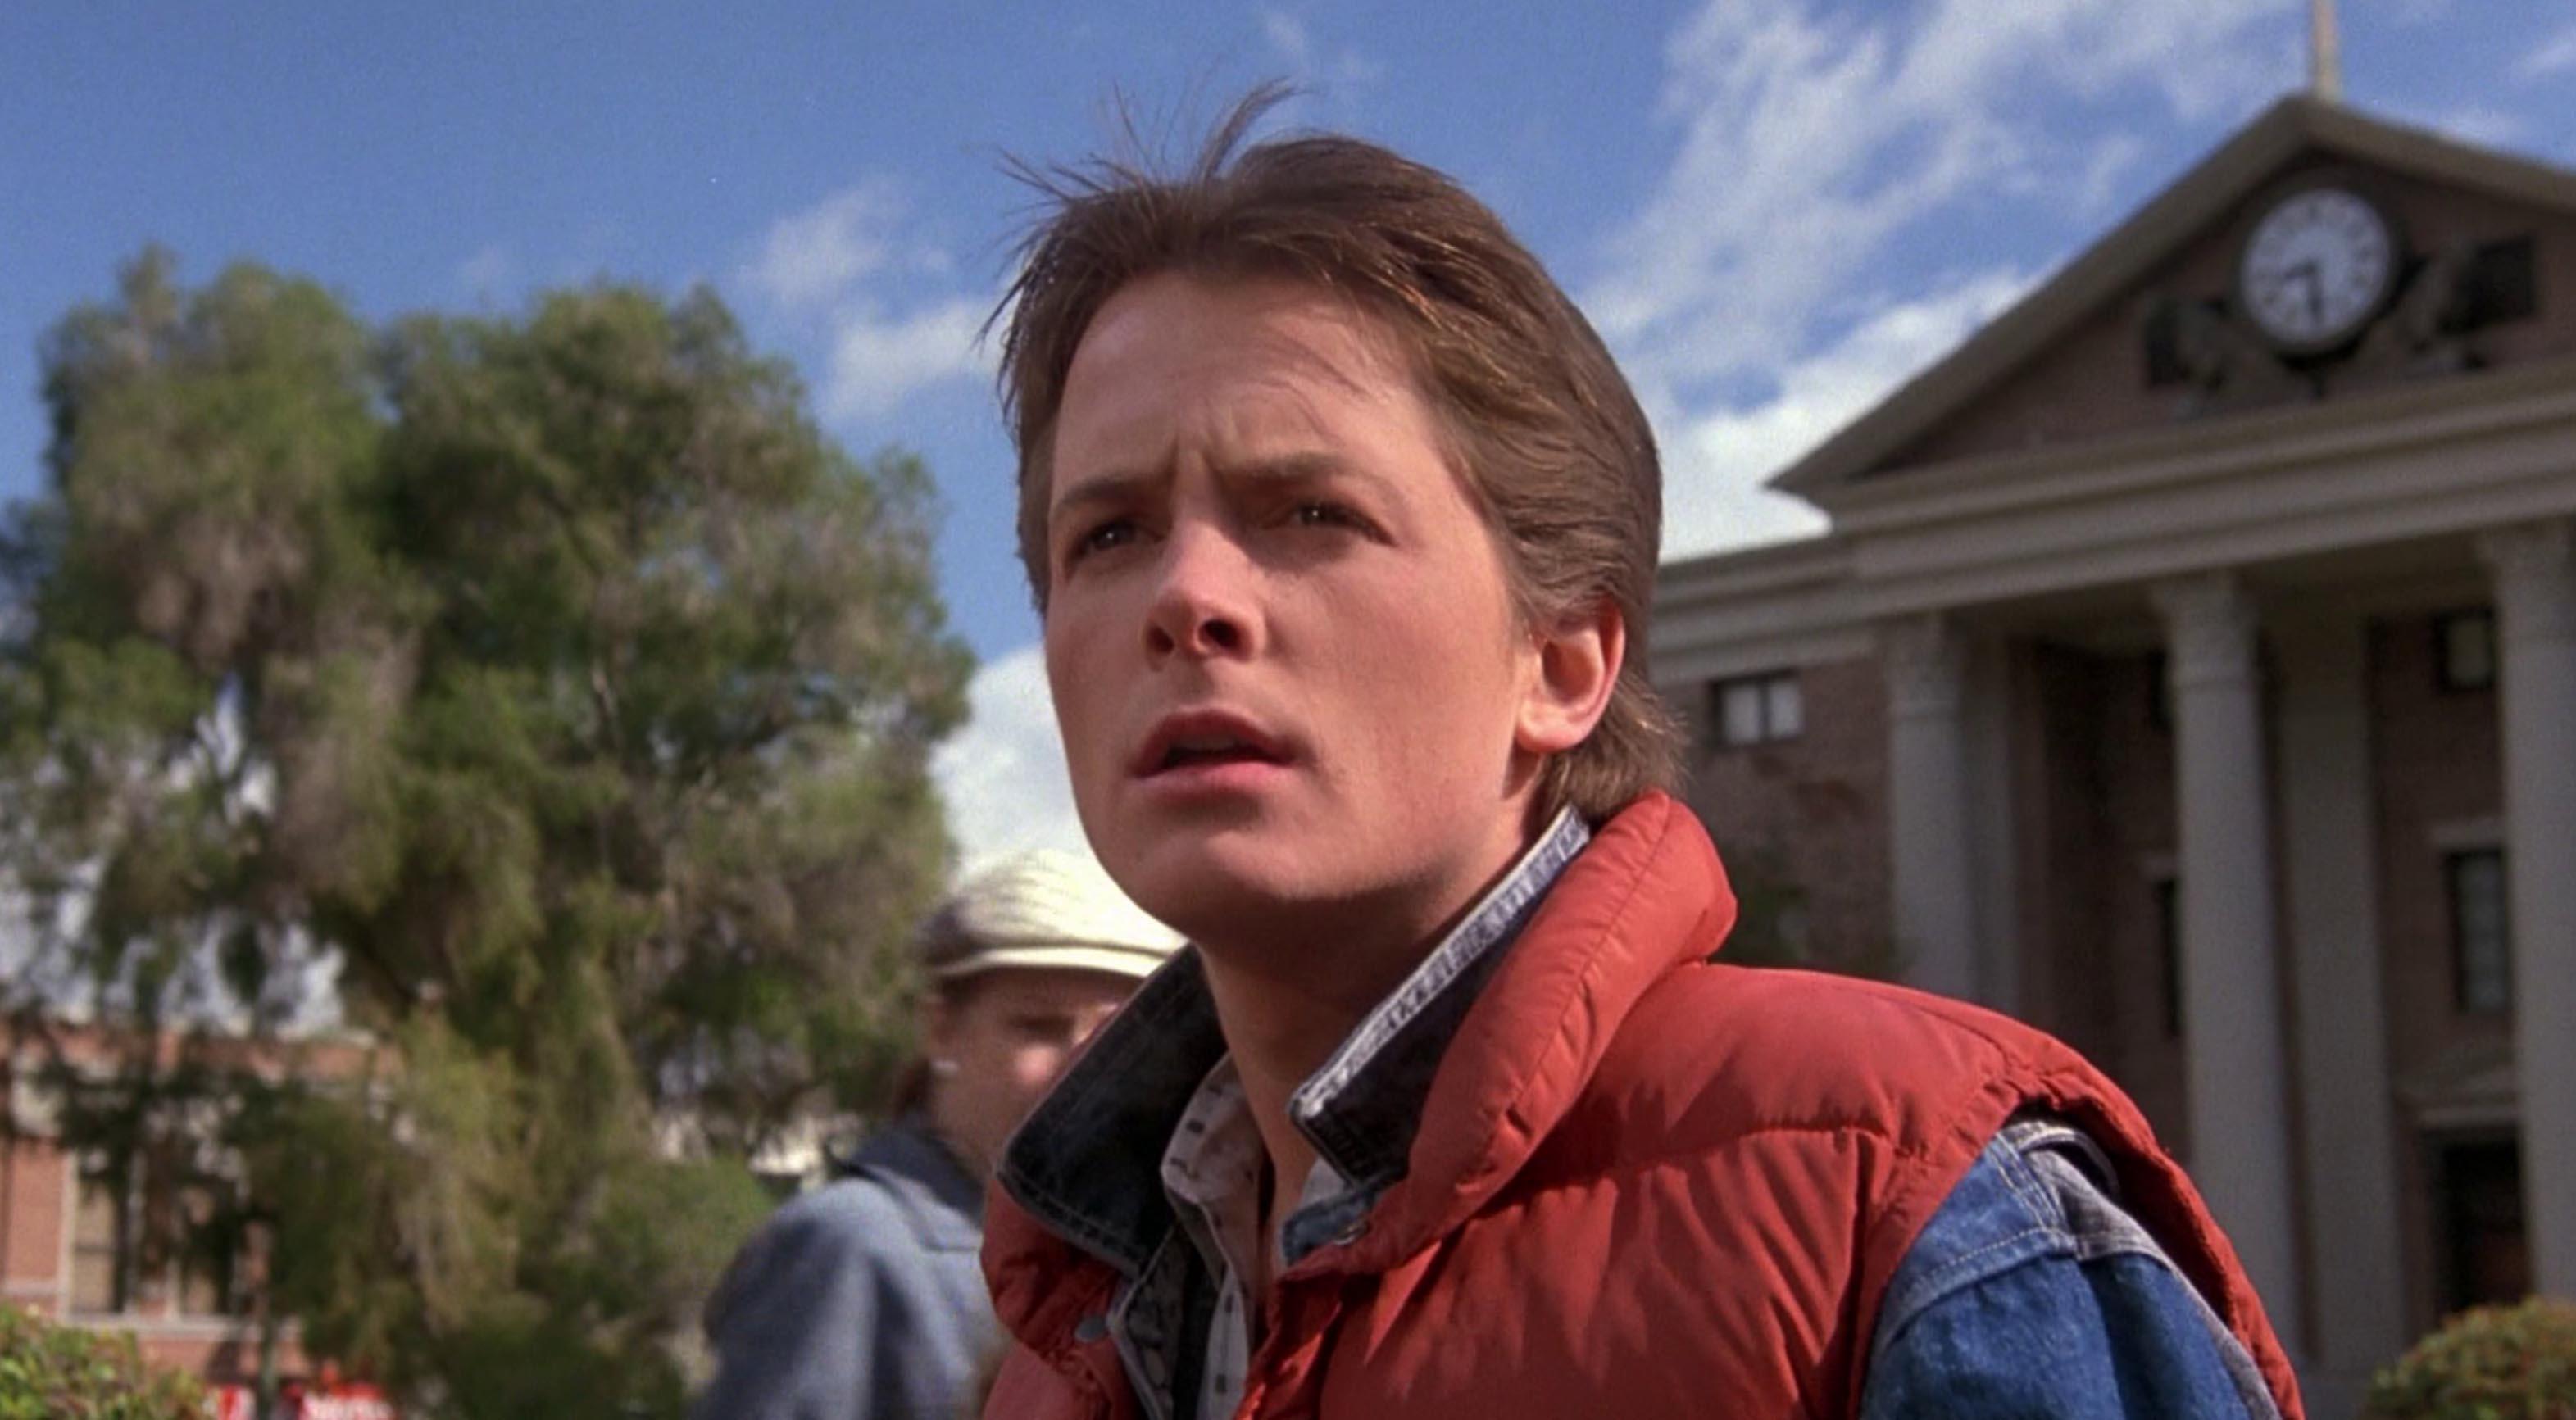 FOTO: Vaata, milline näeb välja Marty McFly filmist